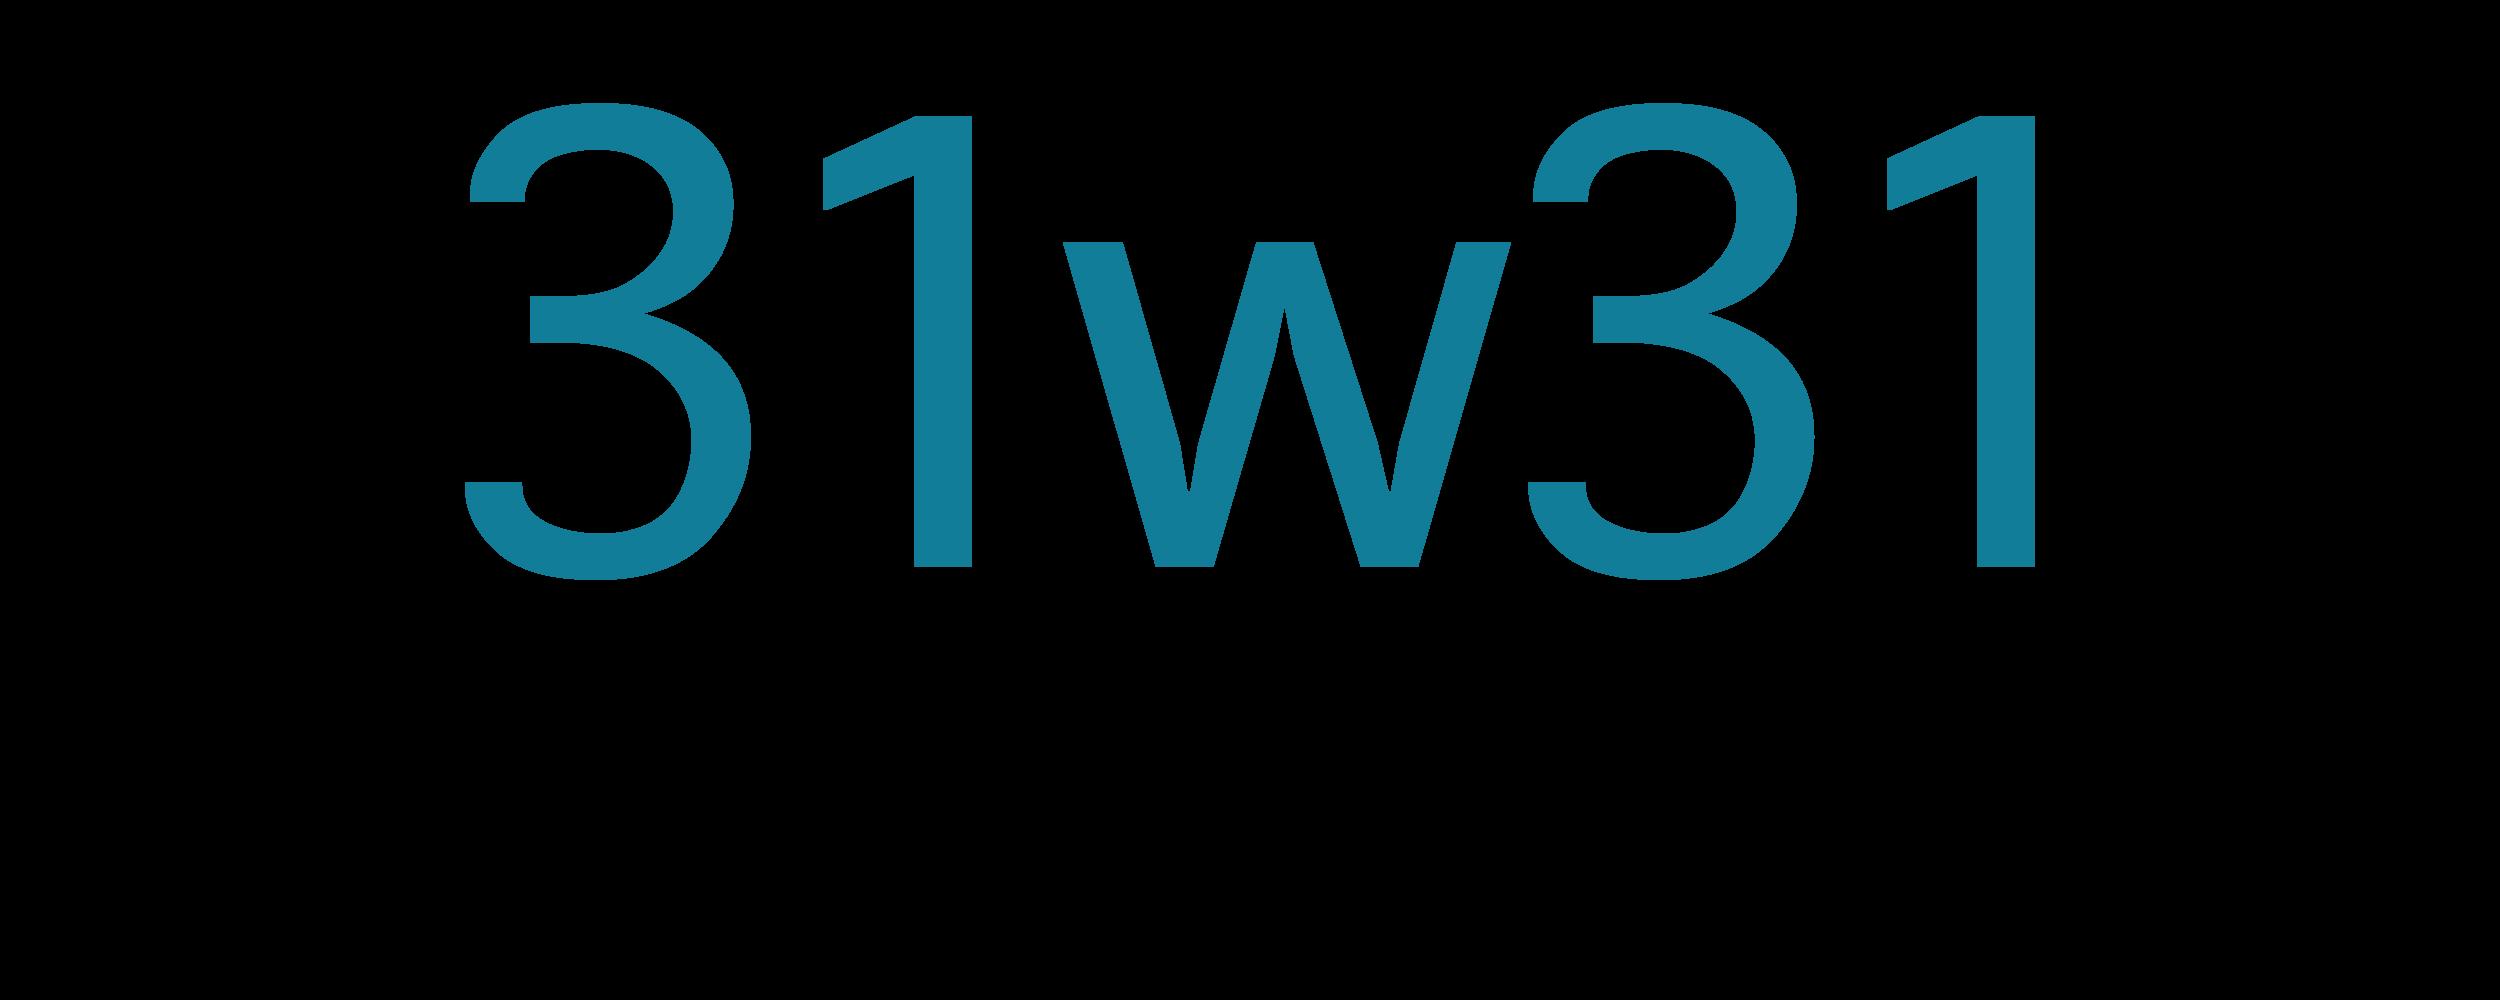 31w31 Large Logo (1).png